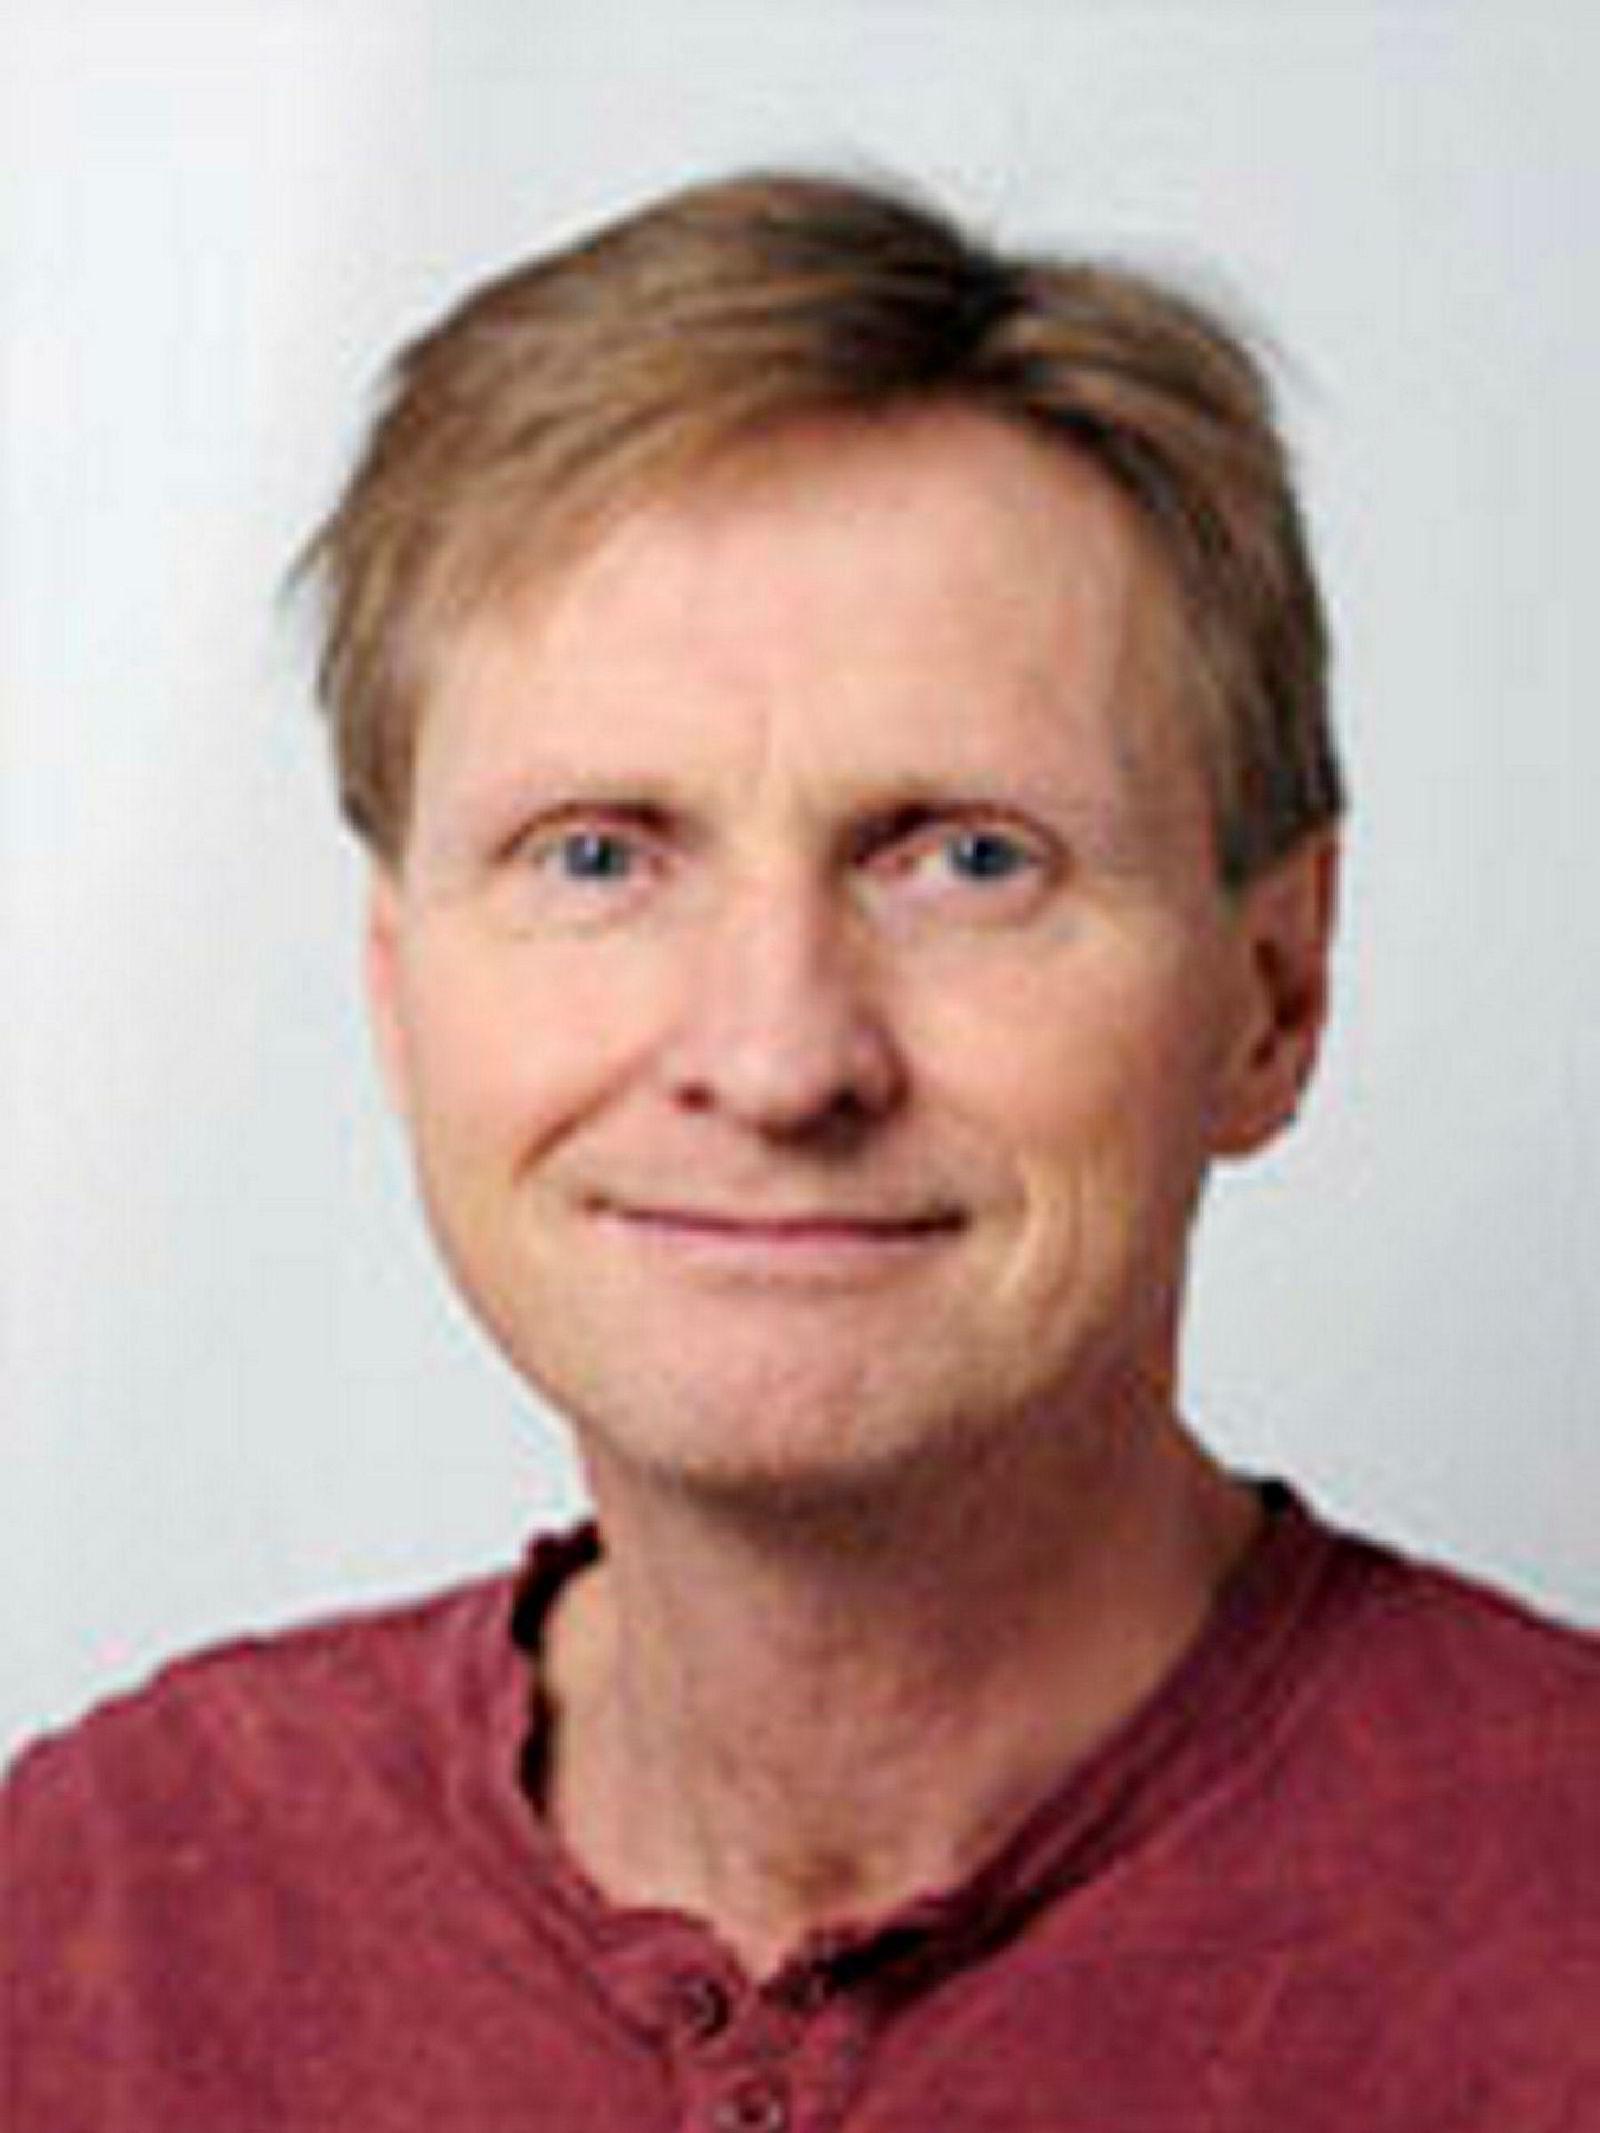 Selv den som trener mye trenger sjelden bekymre seg for å ikke få nok protein, sier professor i molekylær ernæring, Bjørn Steen Skålhegg.